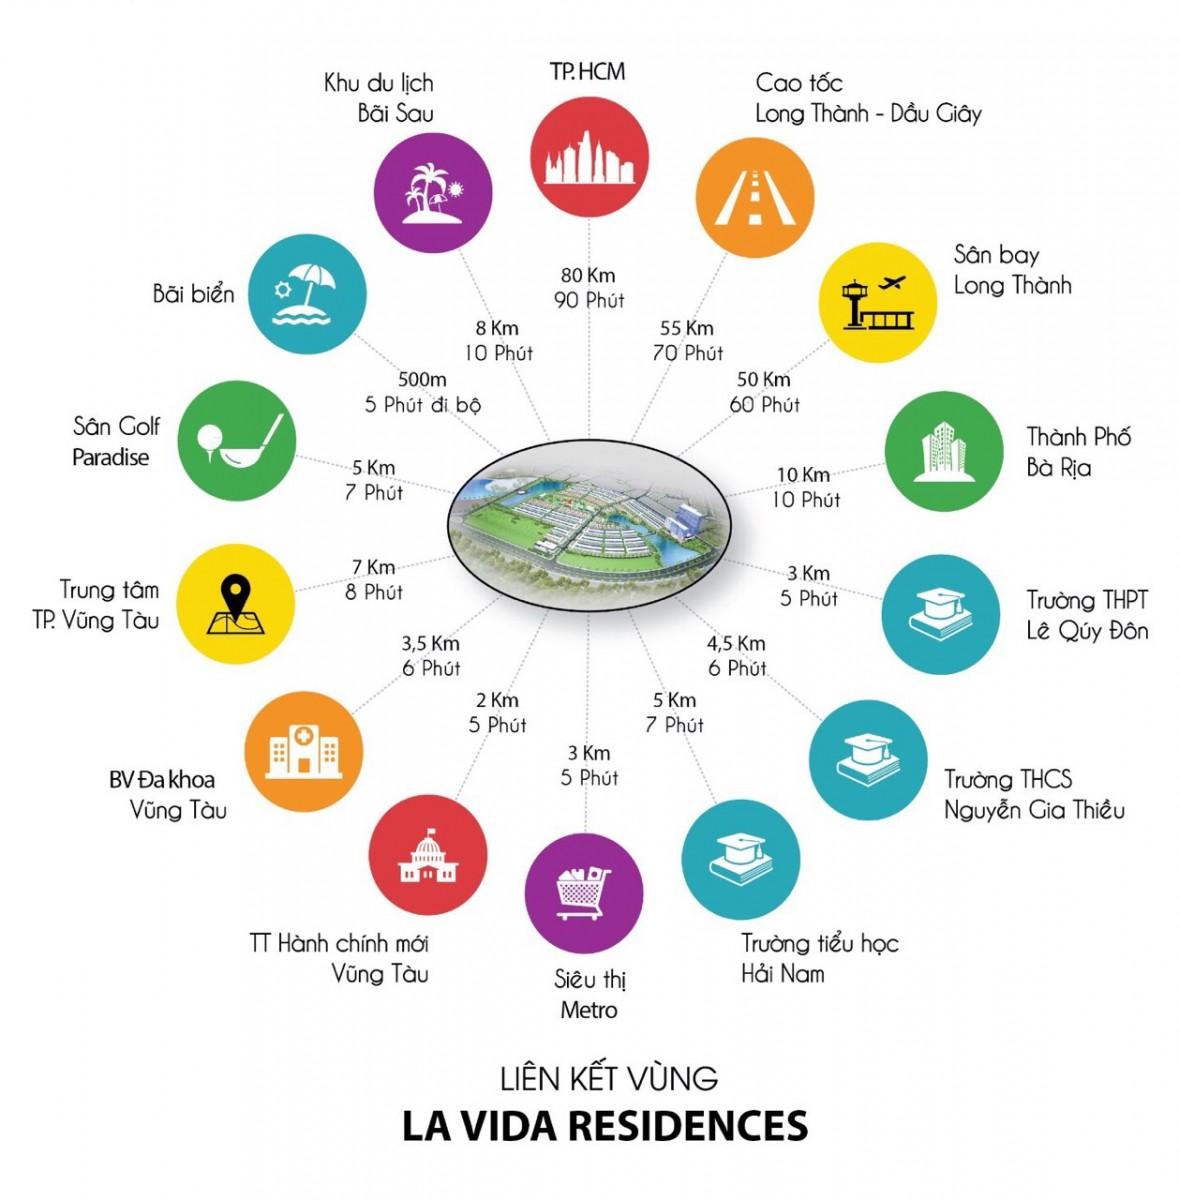 Kết nối vùng Khu đô thị Lavida Residences